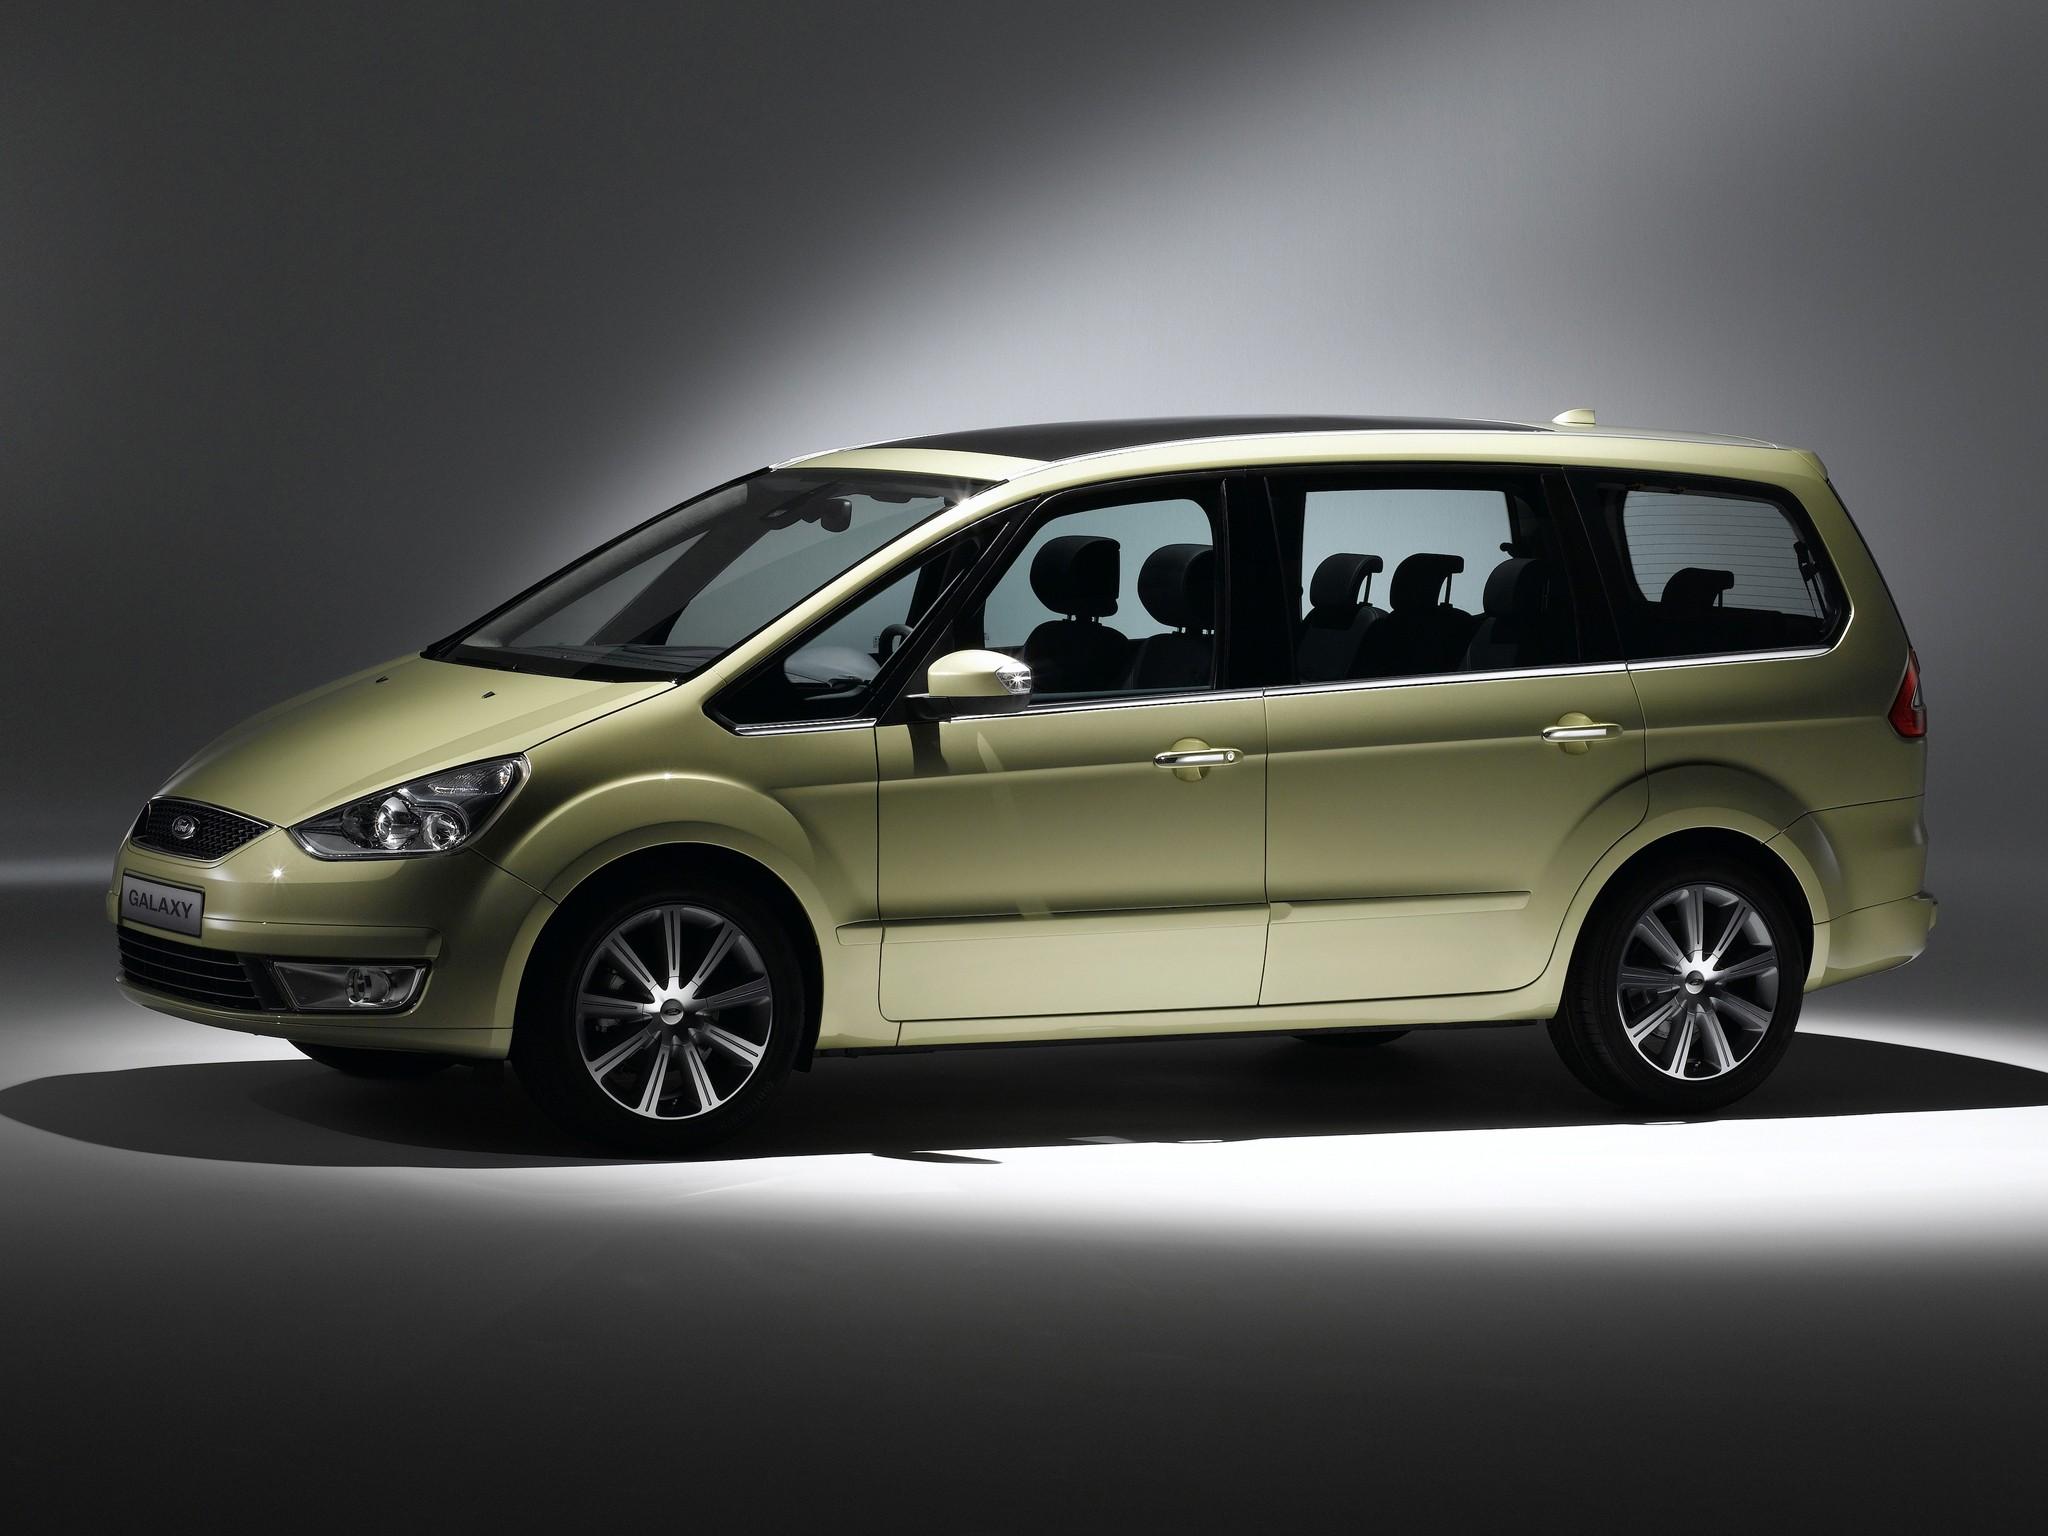 Ford Galaxy II 2006 - 2010 Minivan #2